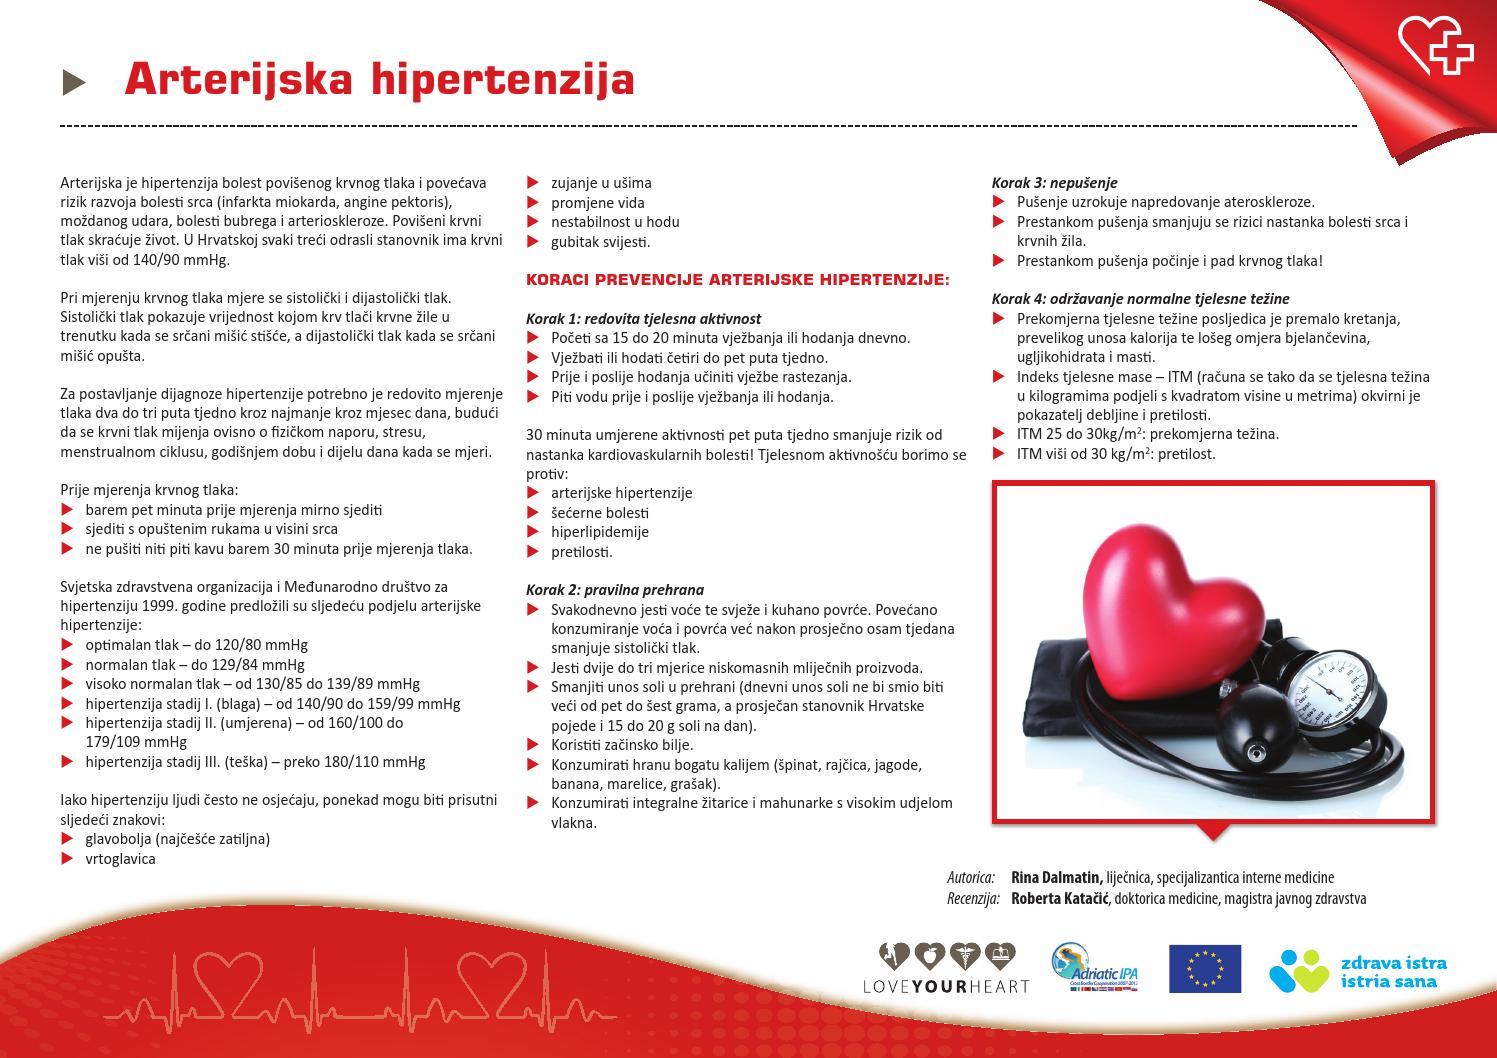 hipertenzija, prestanak pušenja znakovi žene pate manji moždani udar na nogama